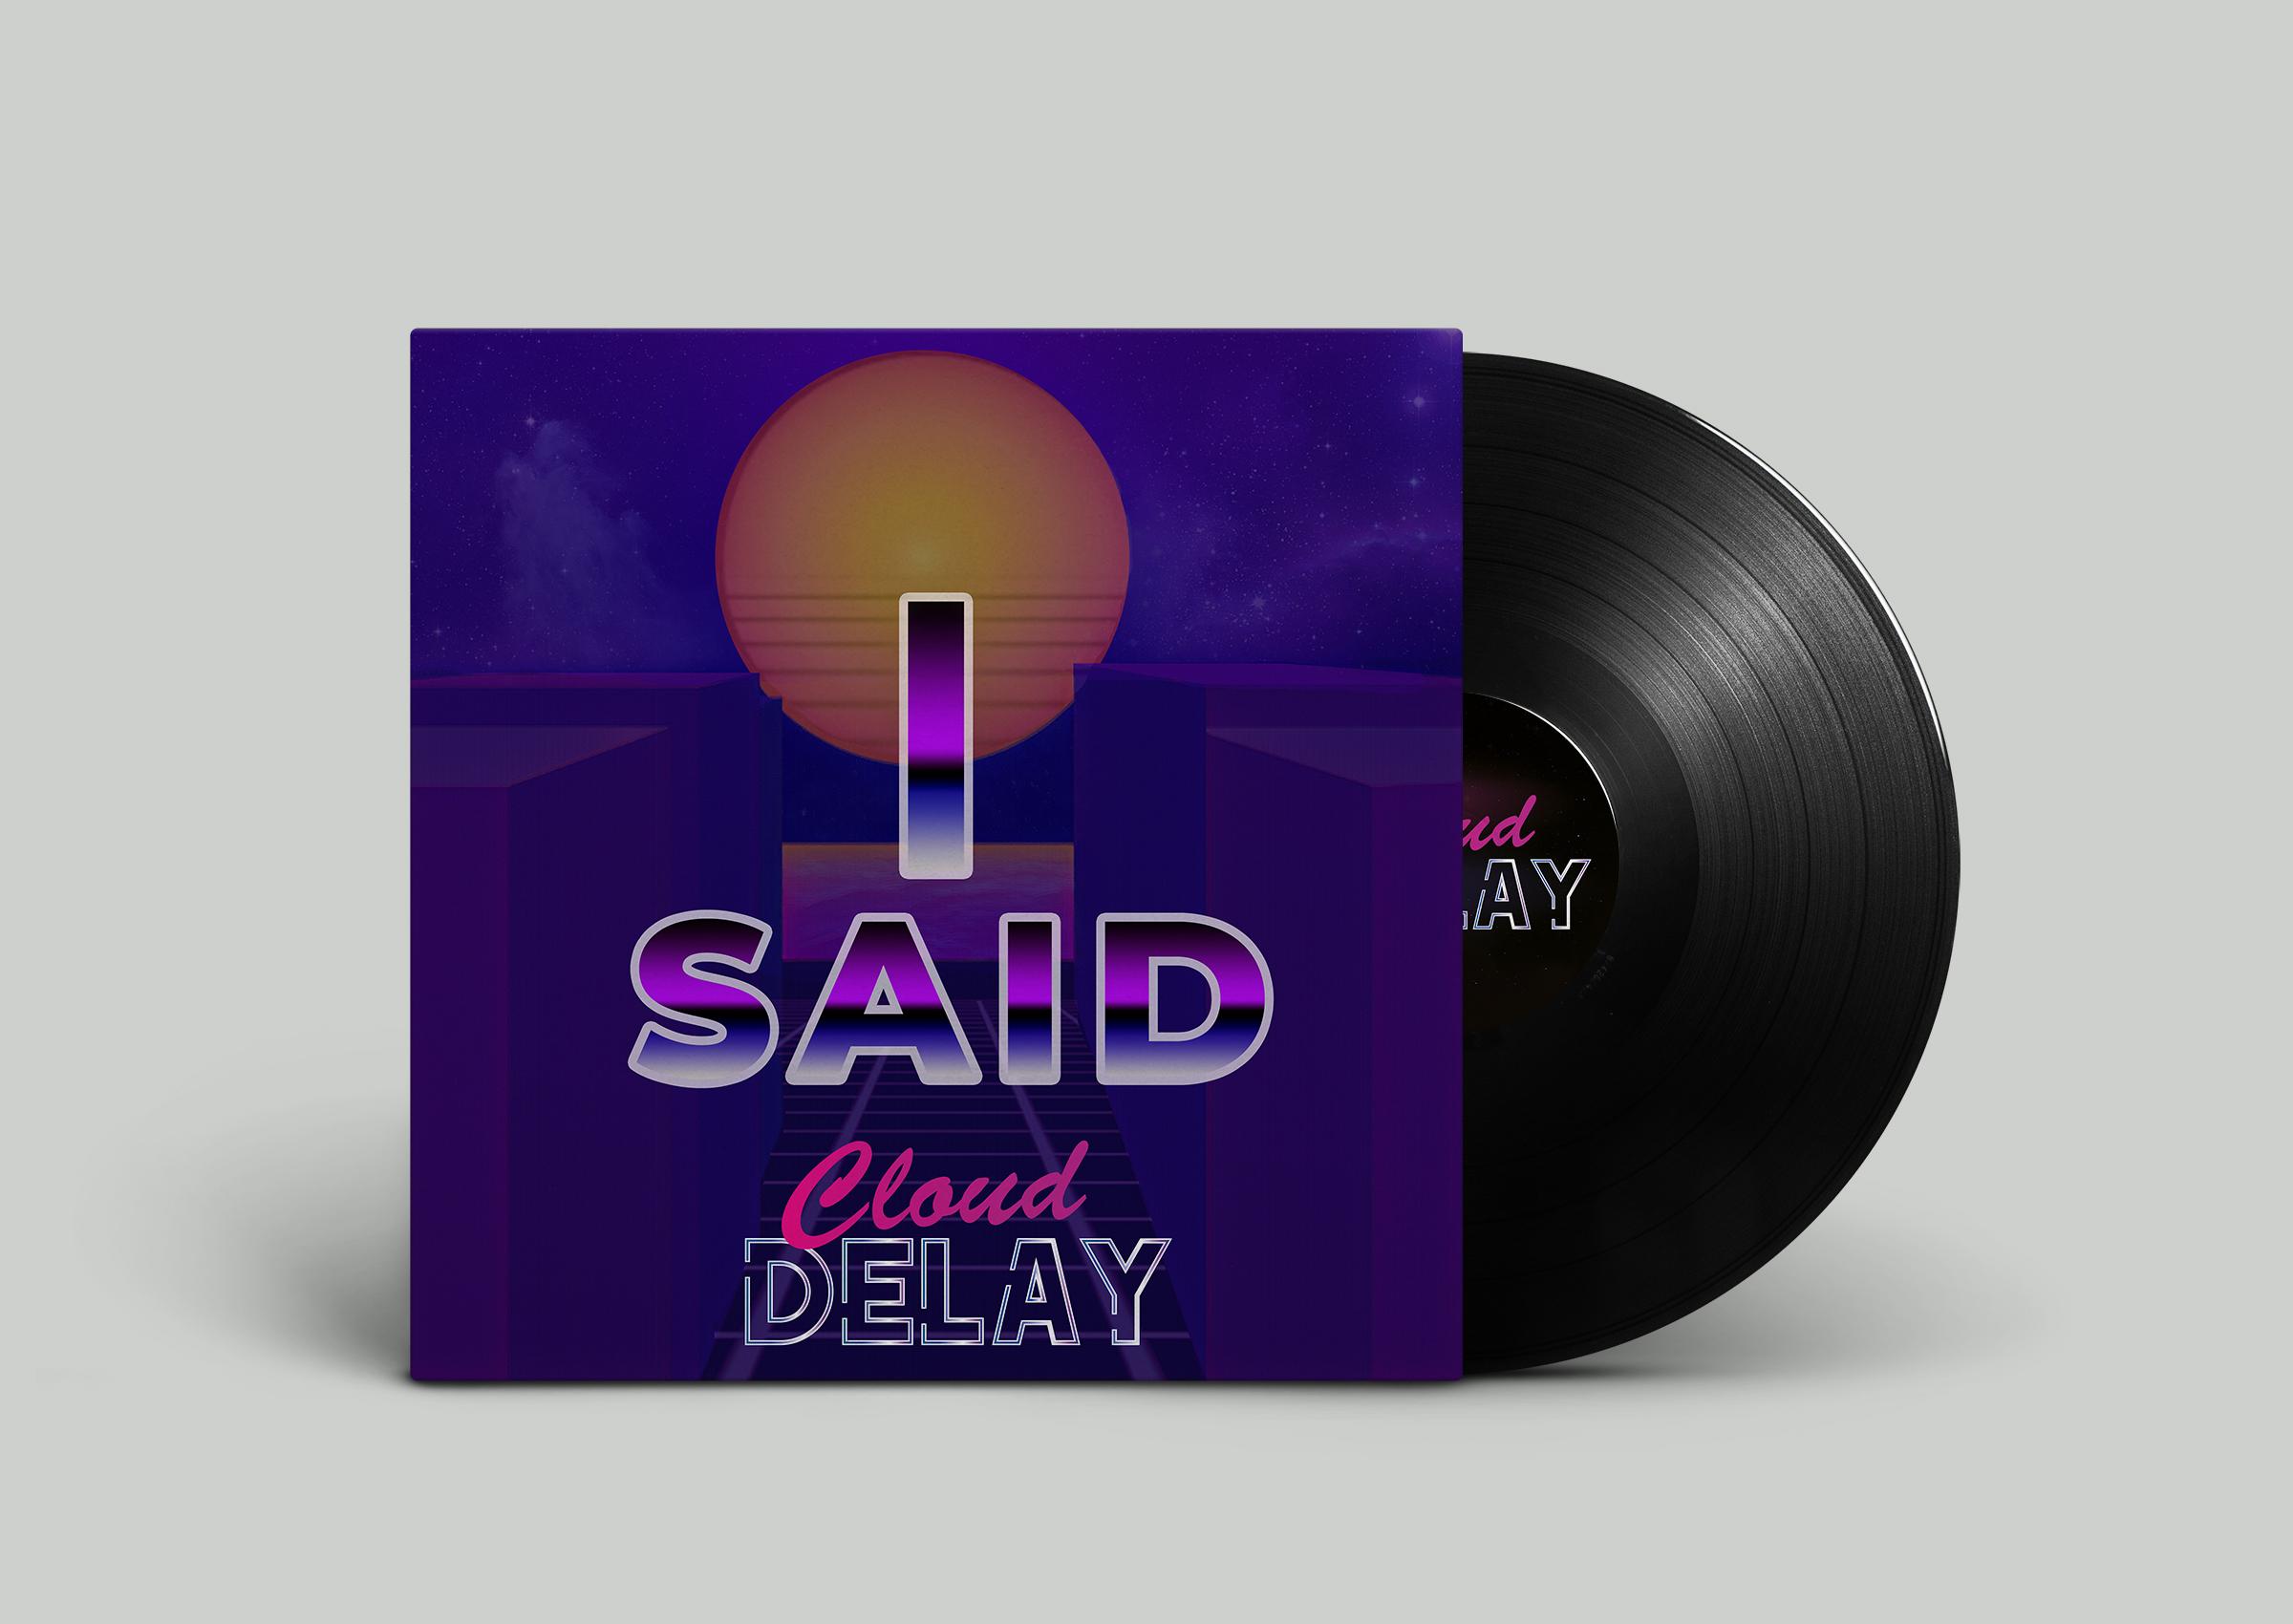 Логотип музыкального проекта и обложка сингла фото f_3605b6721f8c9e49.jpg